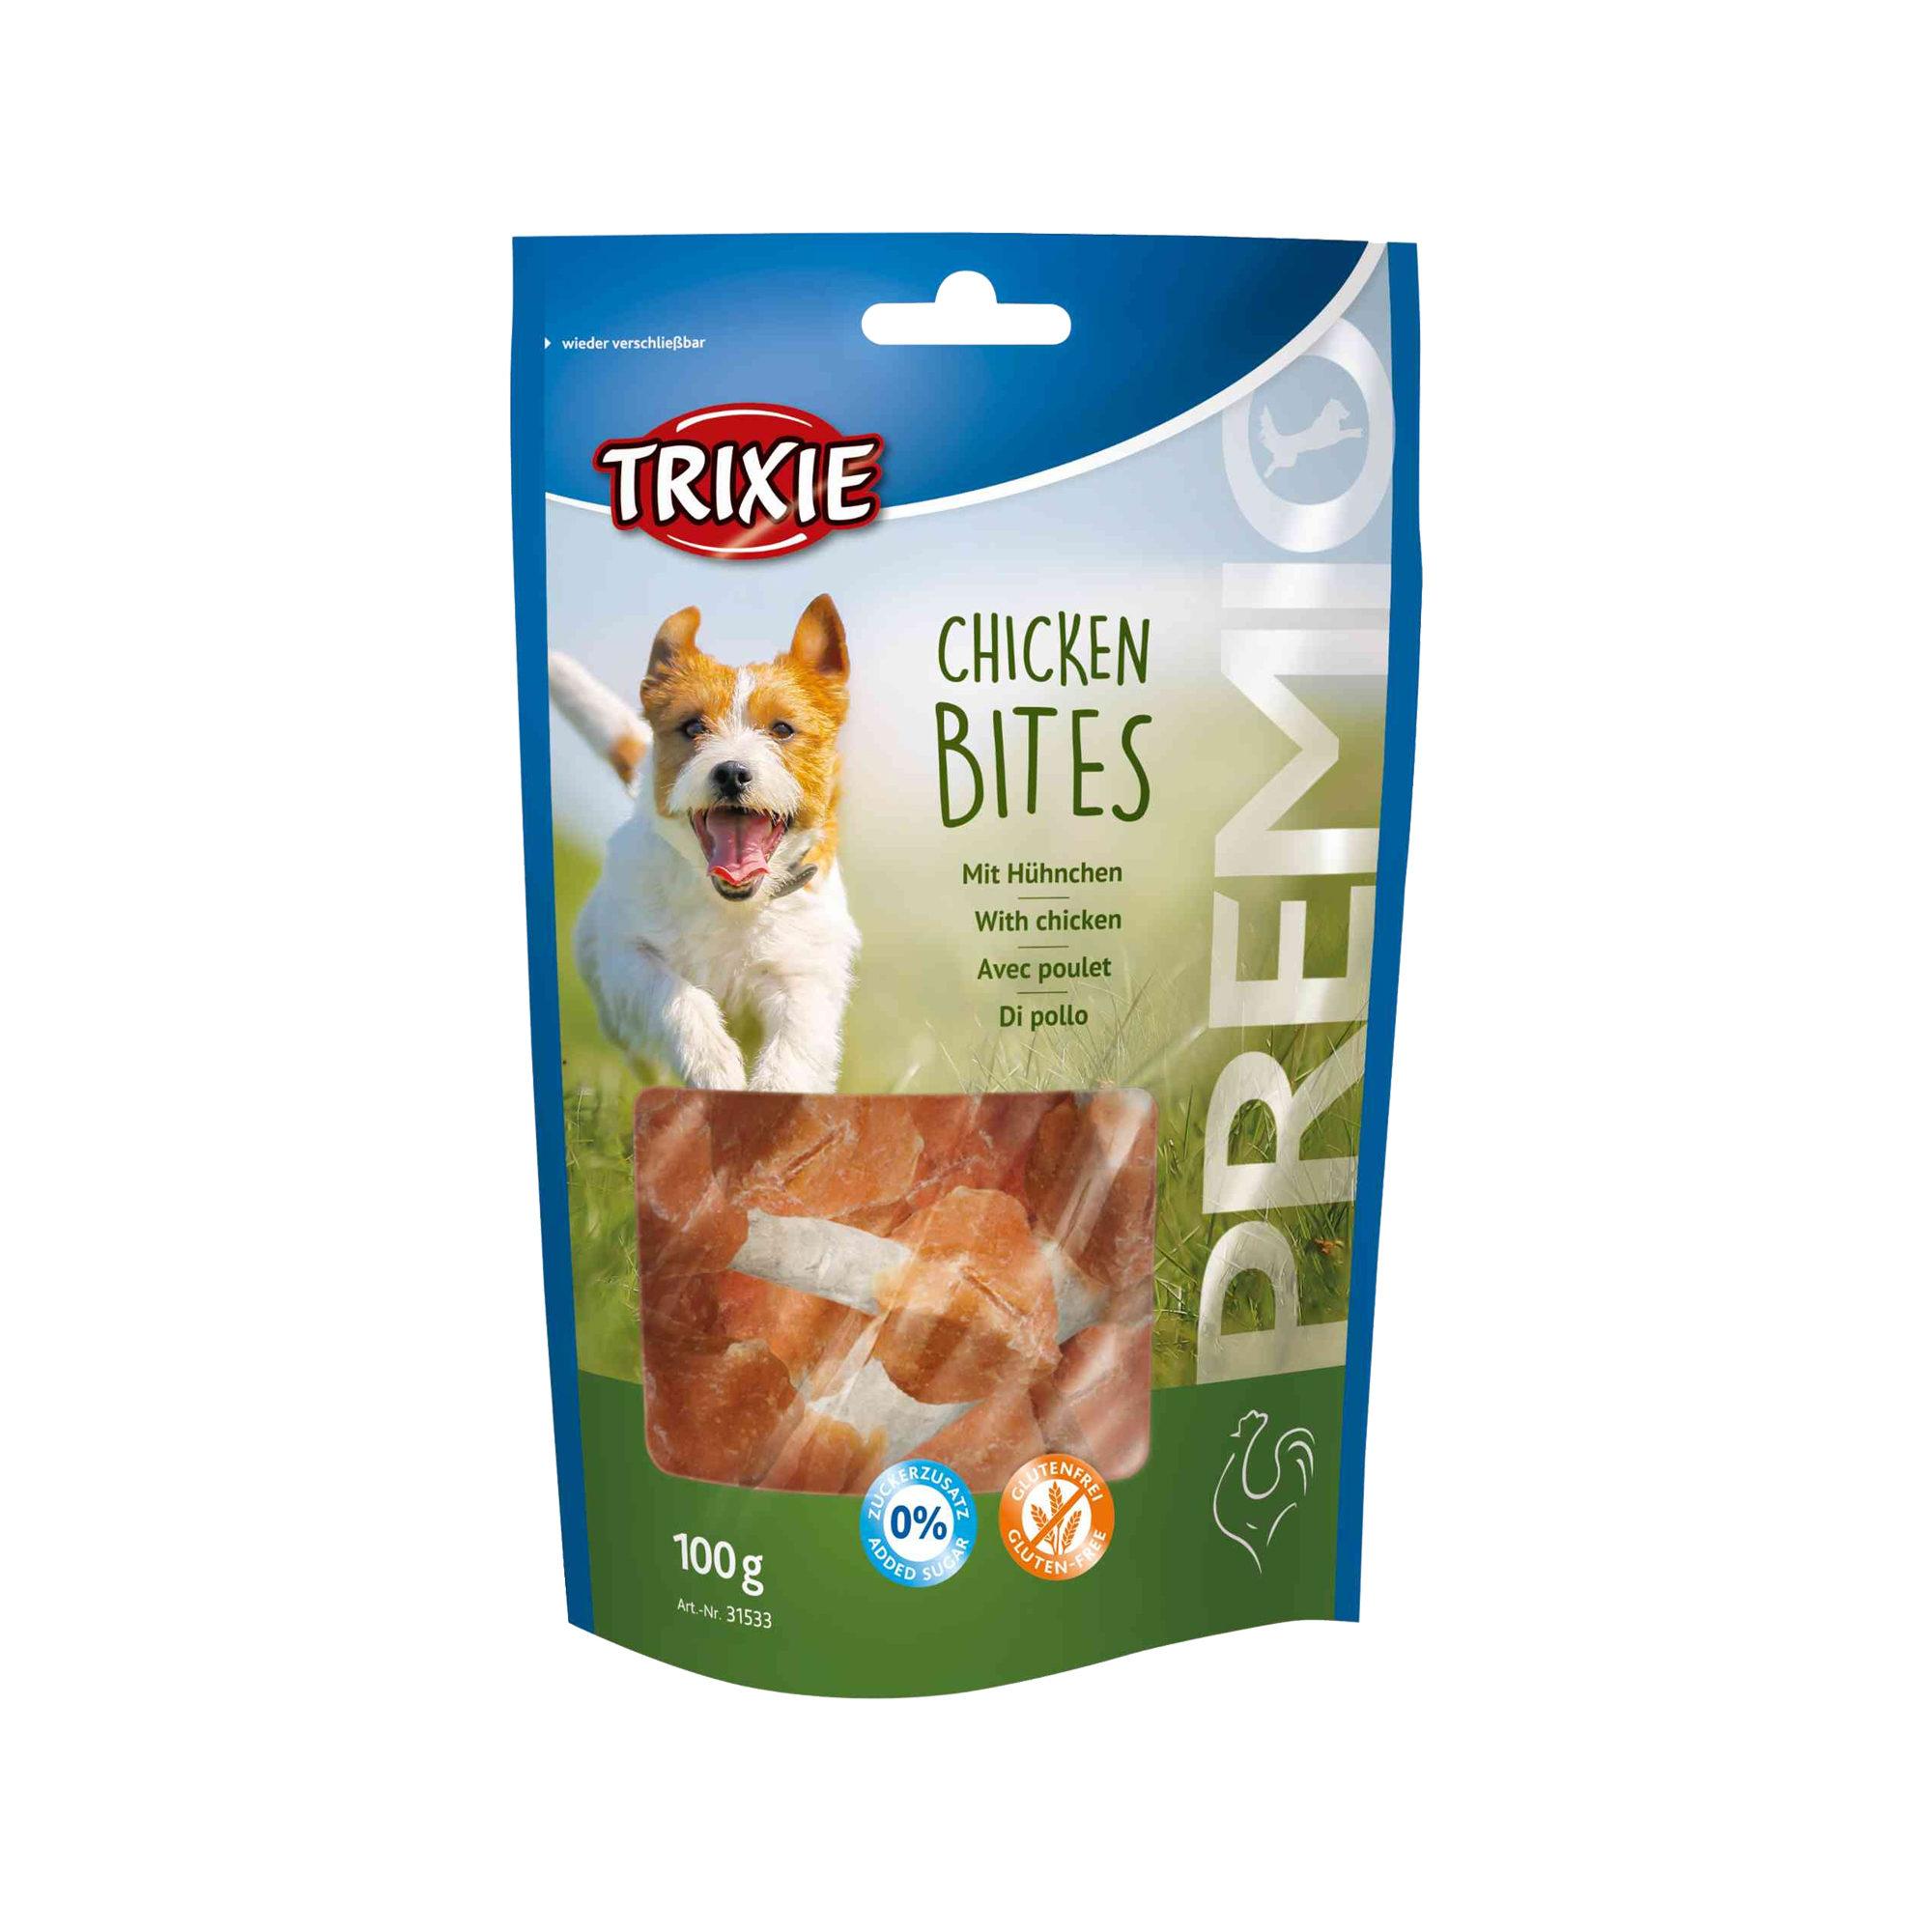 Trixie Premio - Chicken Bites